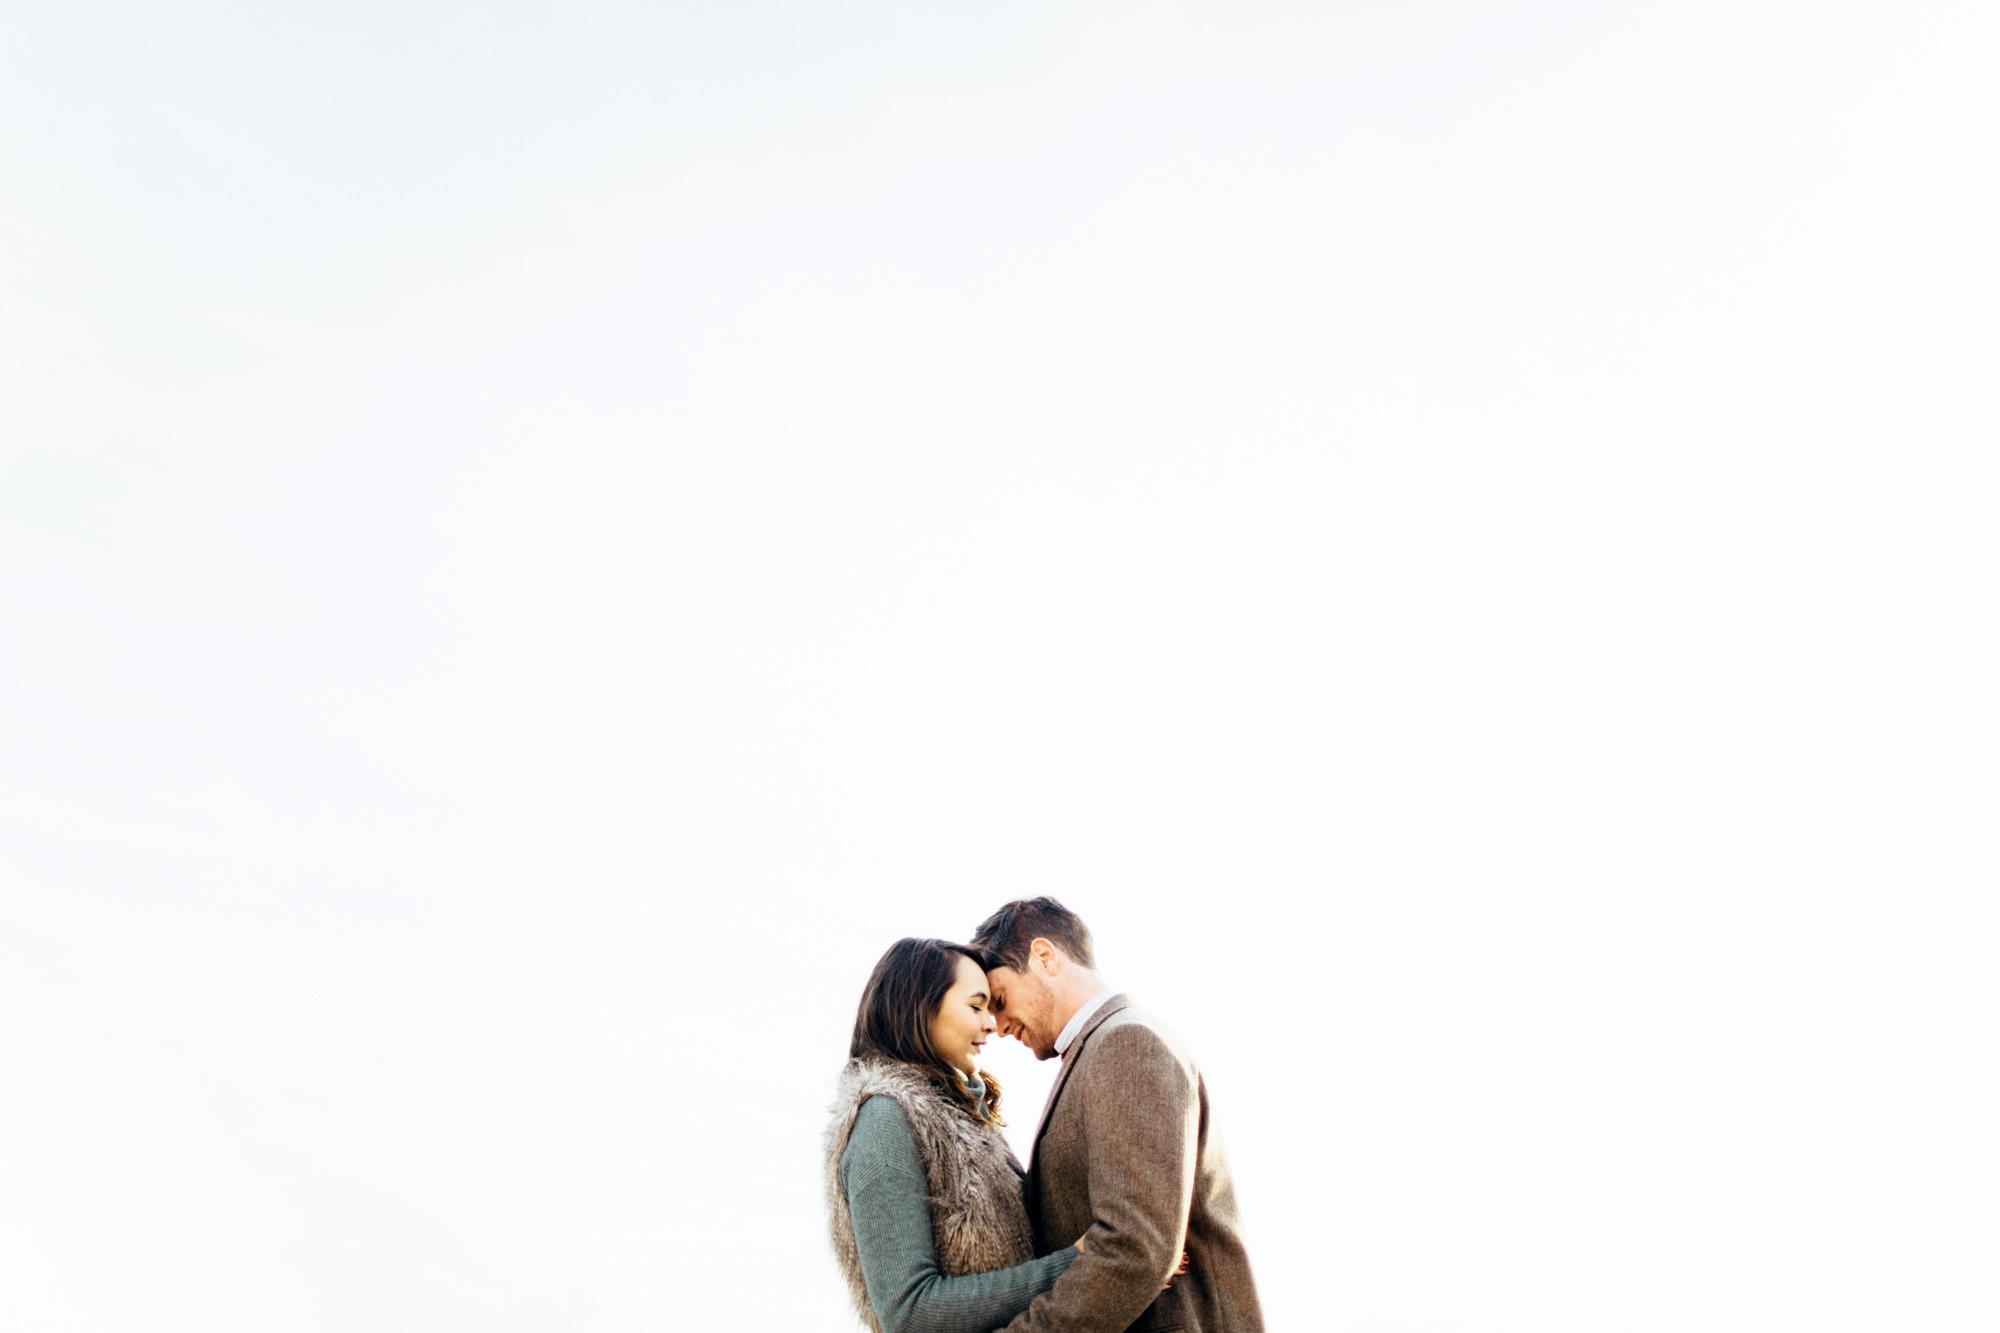 Kansas City Engagement Portrait Photographer